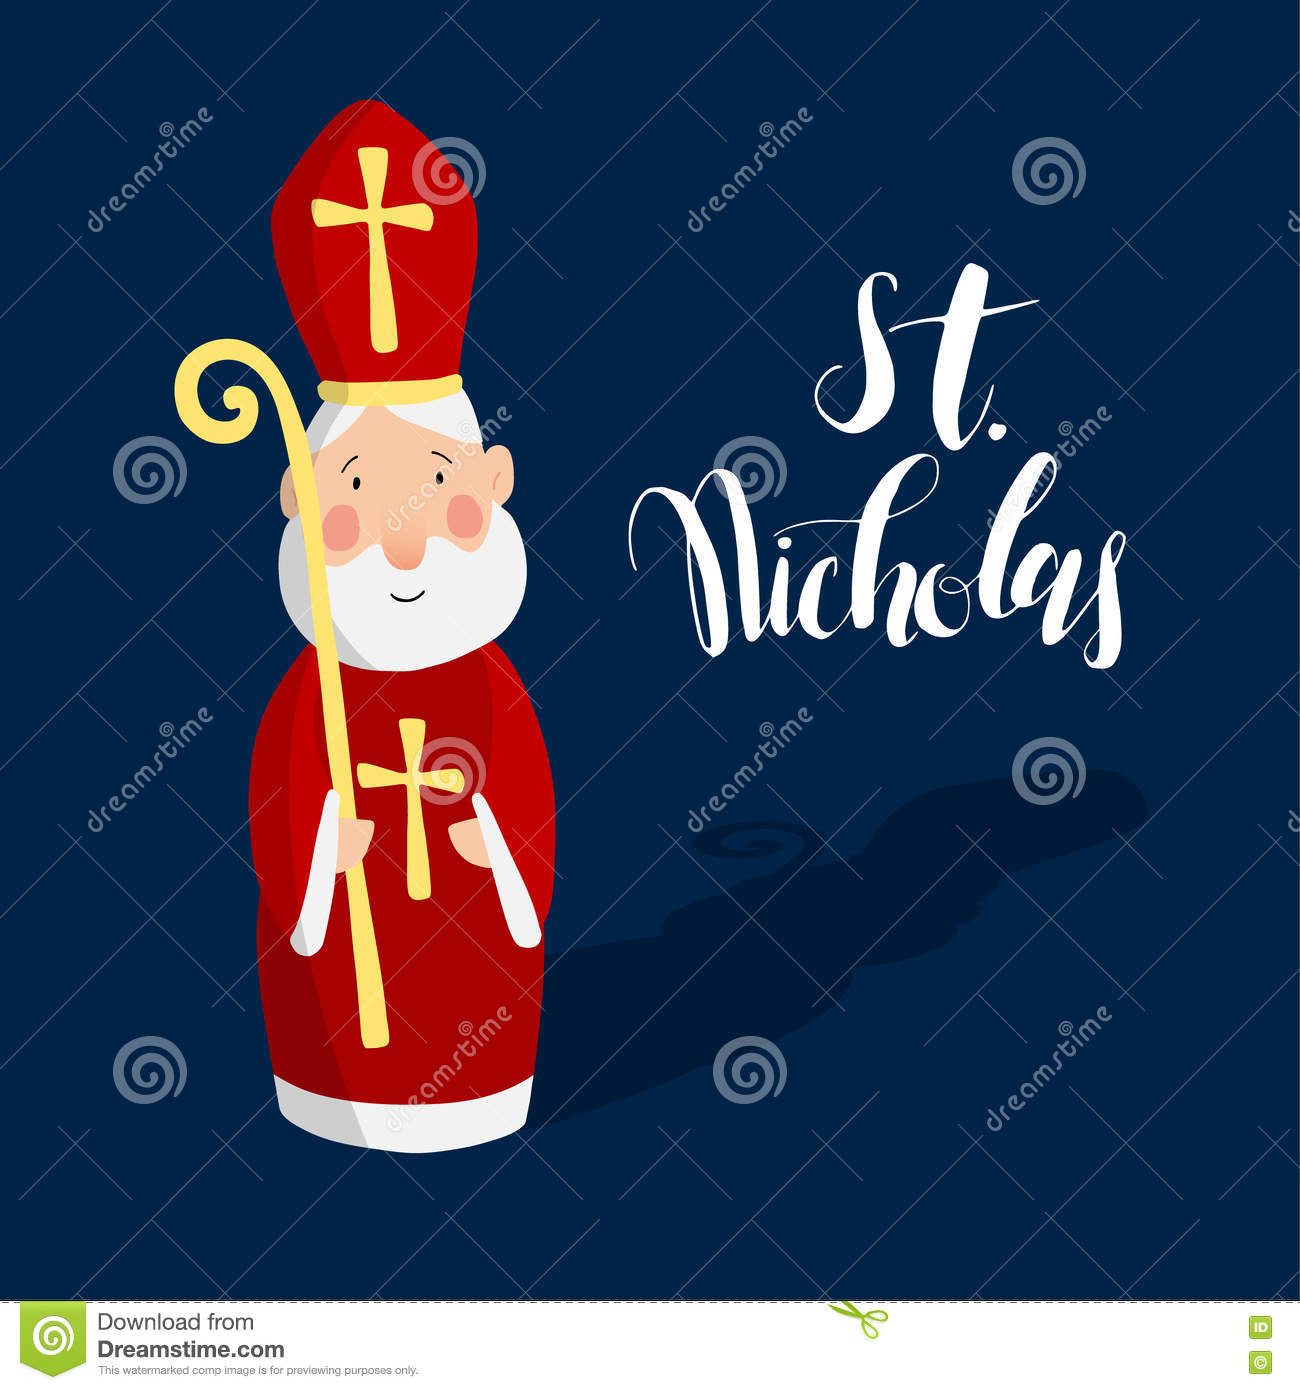 Nette Grußkarte Mit Sankt Nikolaus Vektor Abbildung über Nikolaus Grußkarte